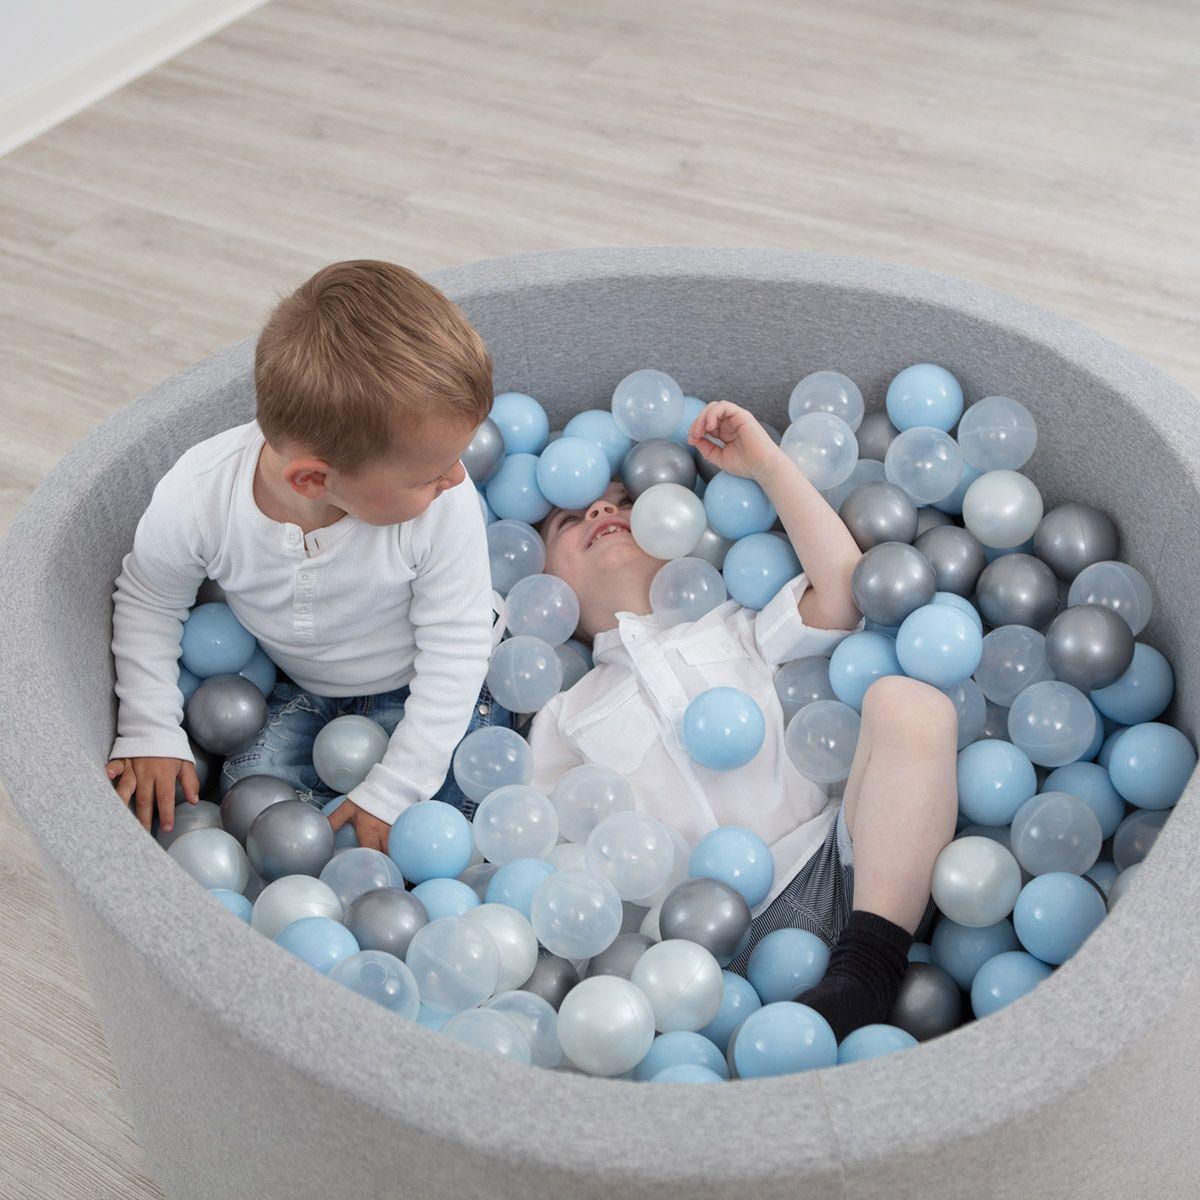 Piscine À Balles Géante En 2020 | Piscine A Balle, Piscine ... concernant Piscine A Balle Geante